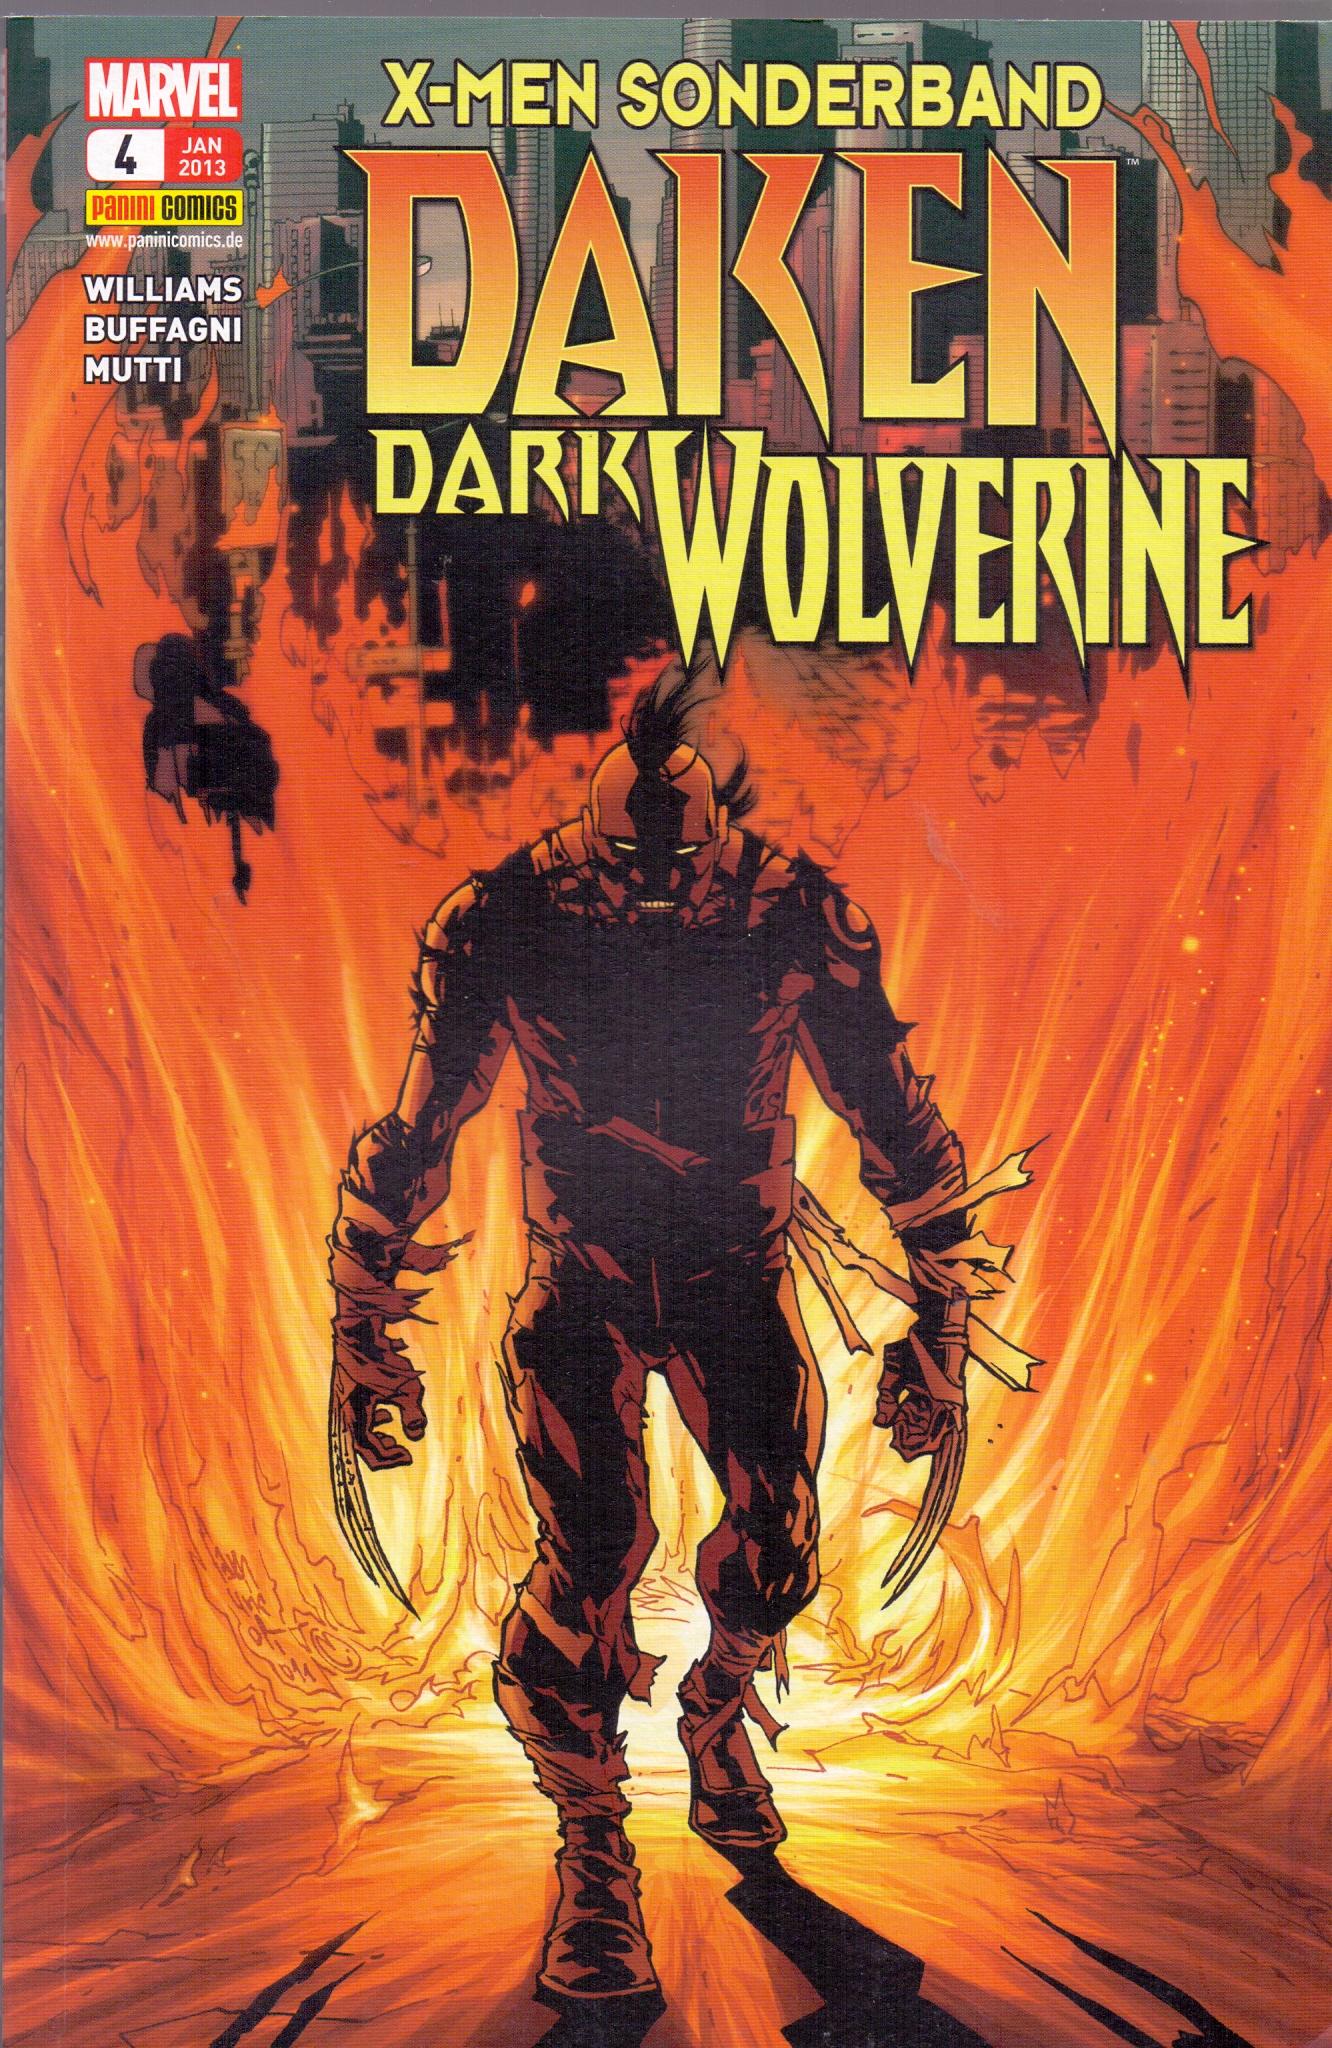 X-Men Sonderband: Daken - Dark Wolverine 4 - Hochmut kommt vor dem Fall [Broschiert]